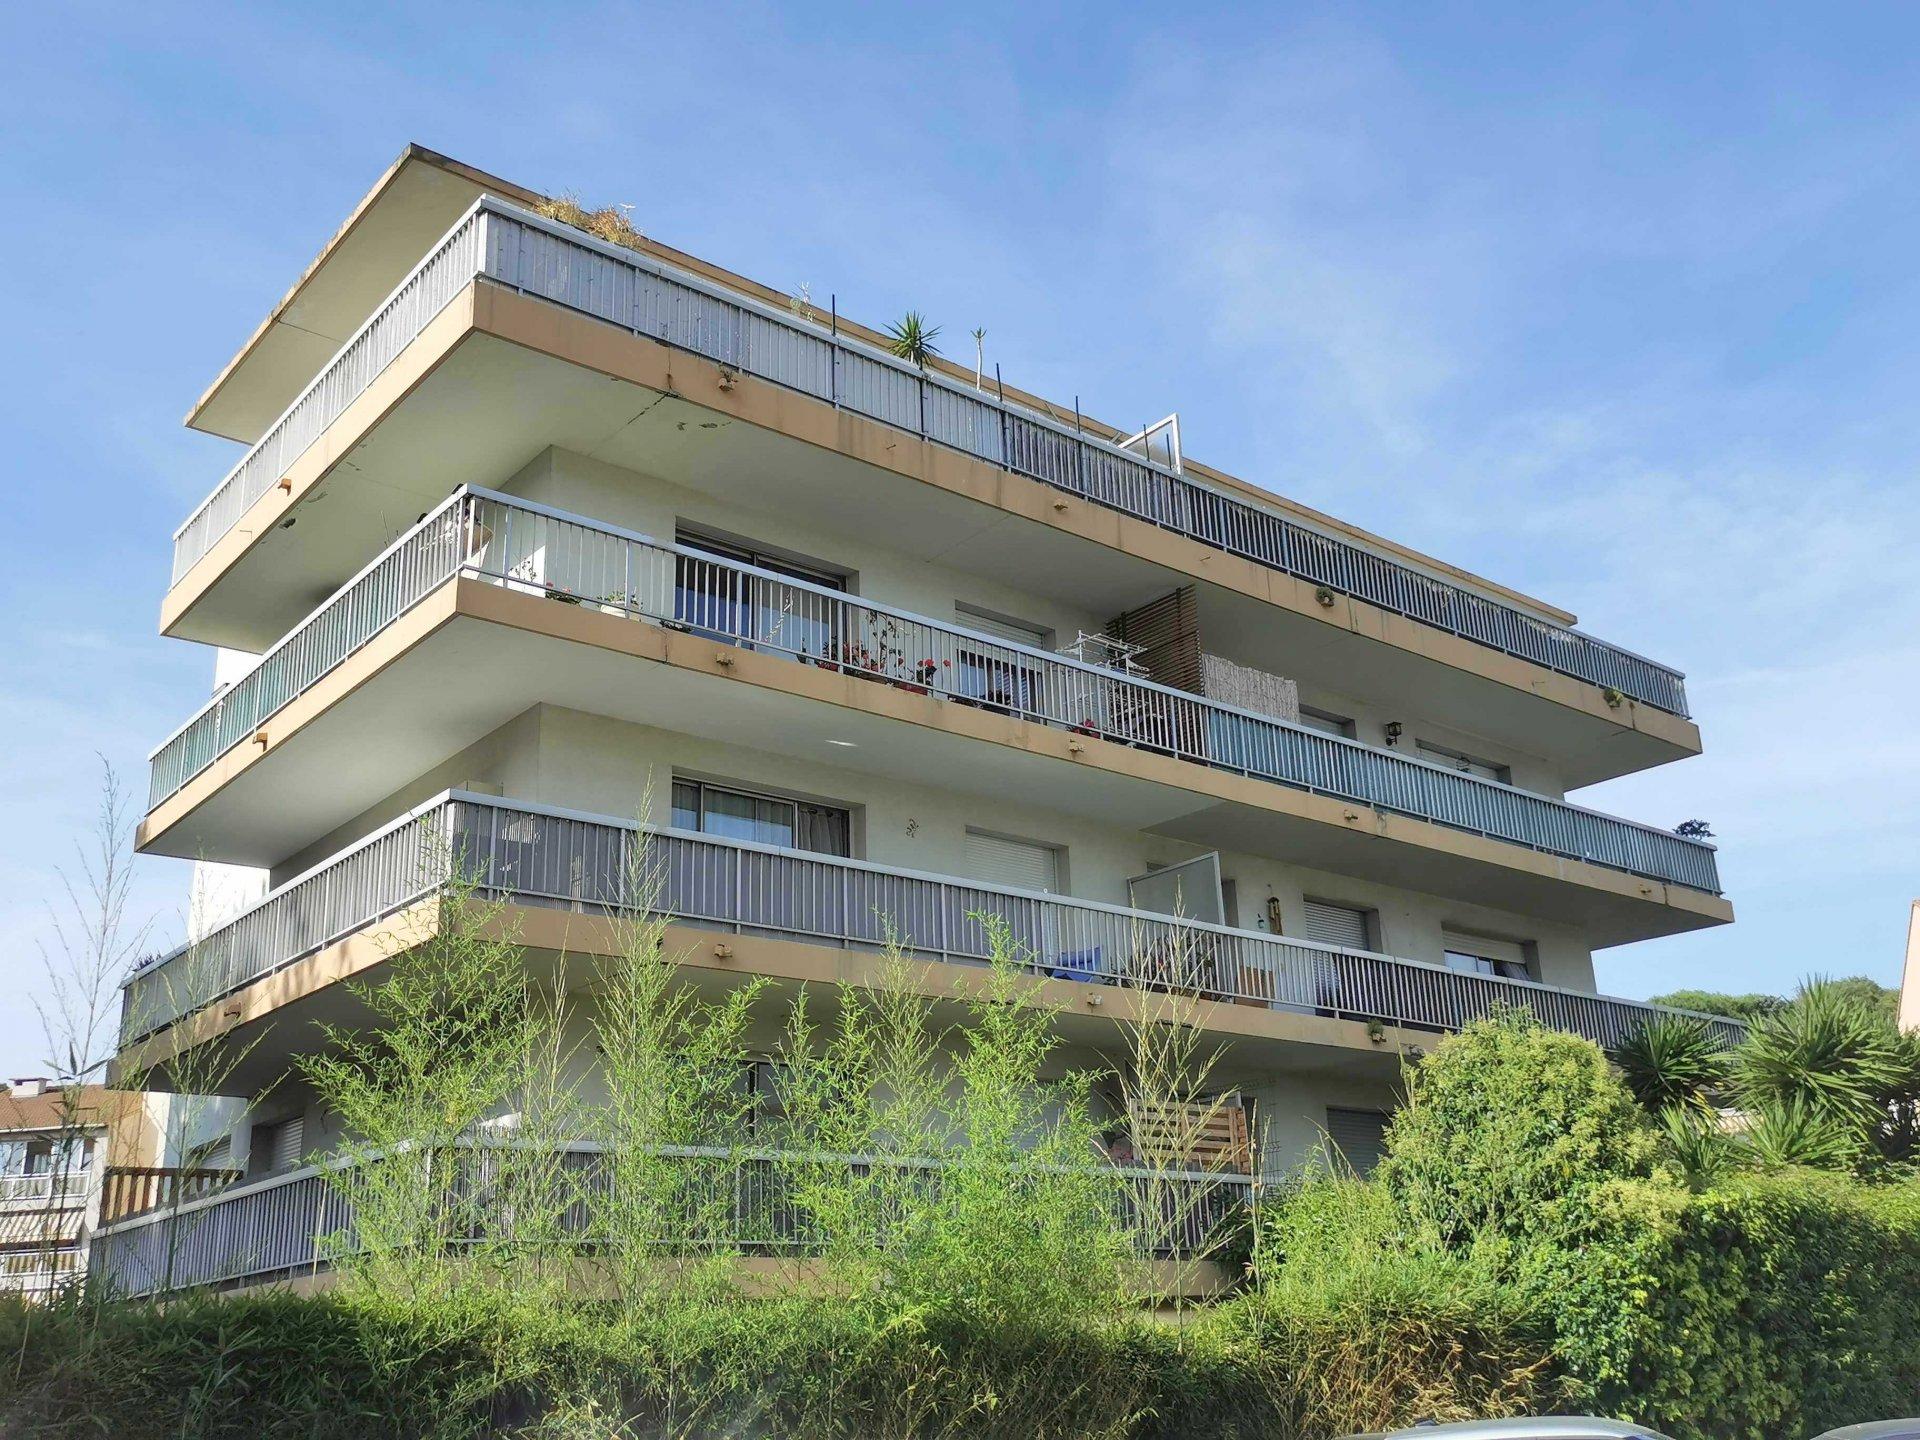 3 Pièces dernier étage terrasse parking